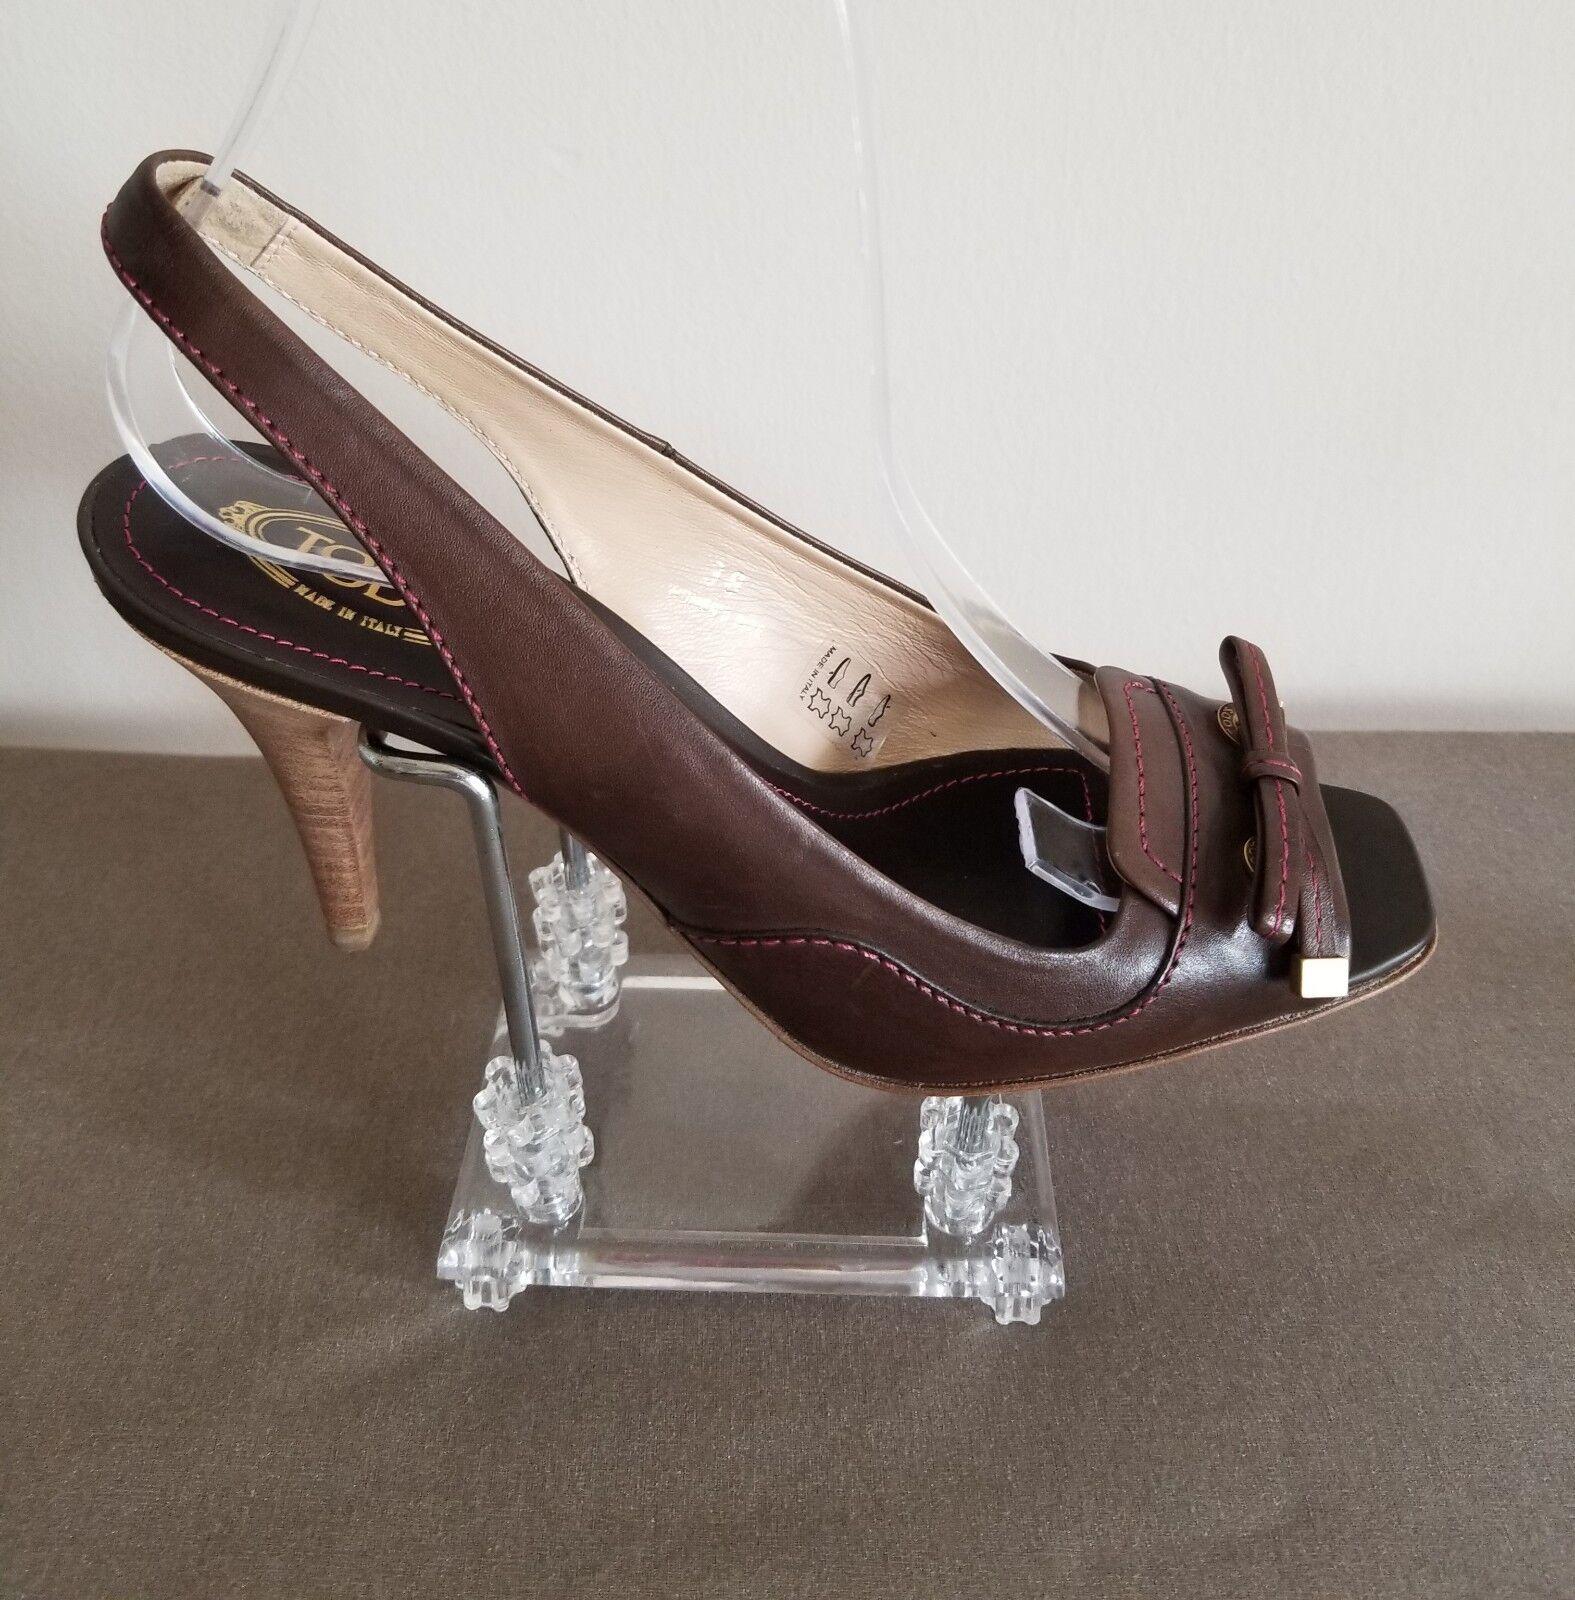 Tod's Marronee Sandals  Heels Open Toe Slingback Stitches Dimensione EU 38 US 8  design semplice e generoso